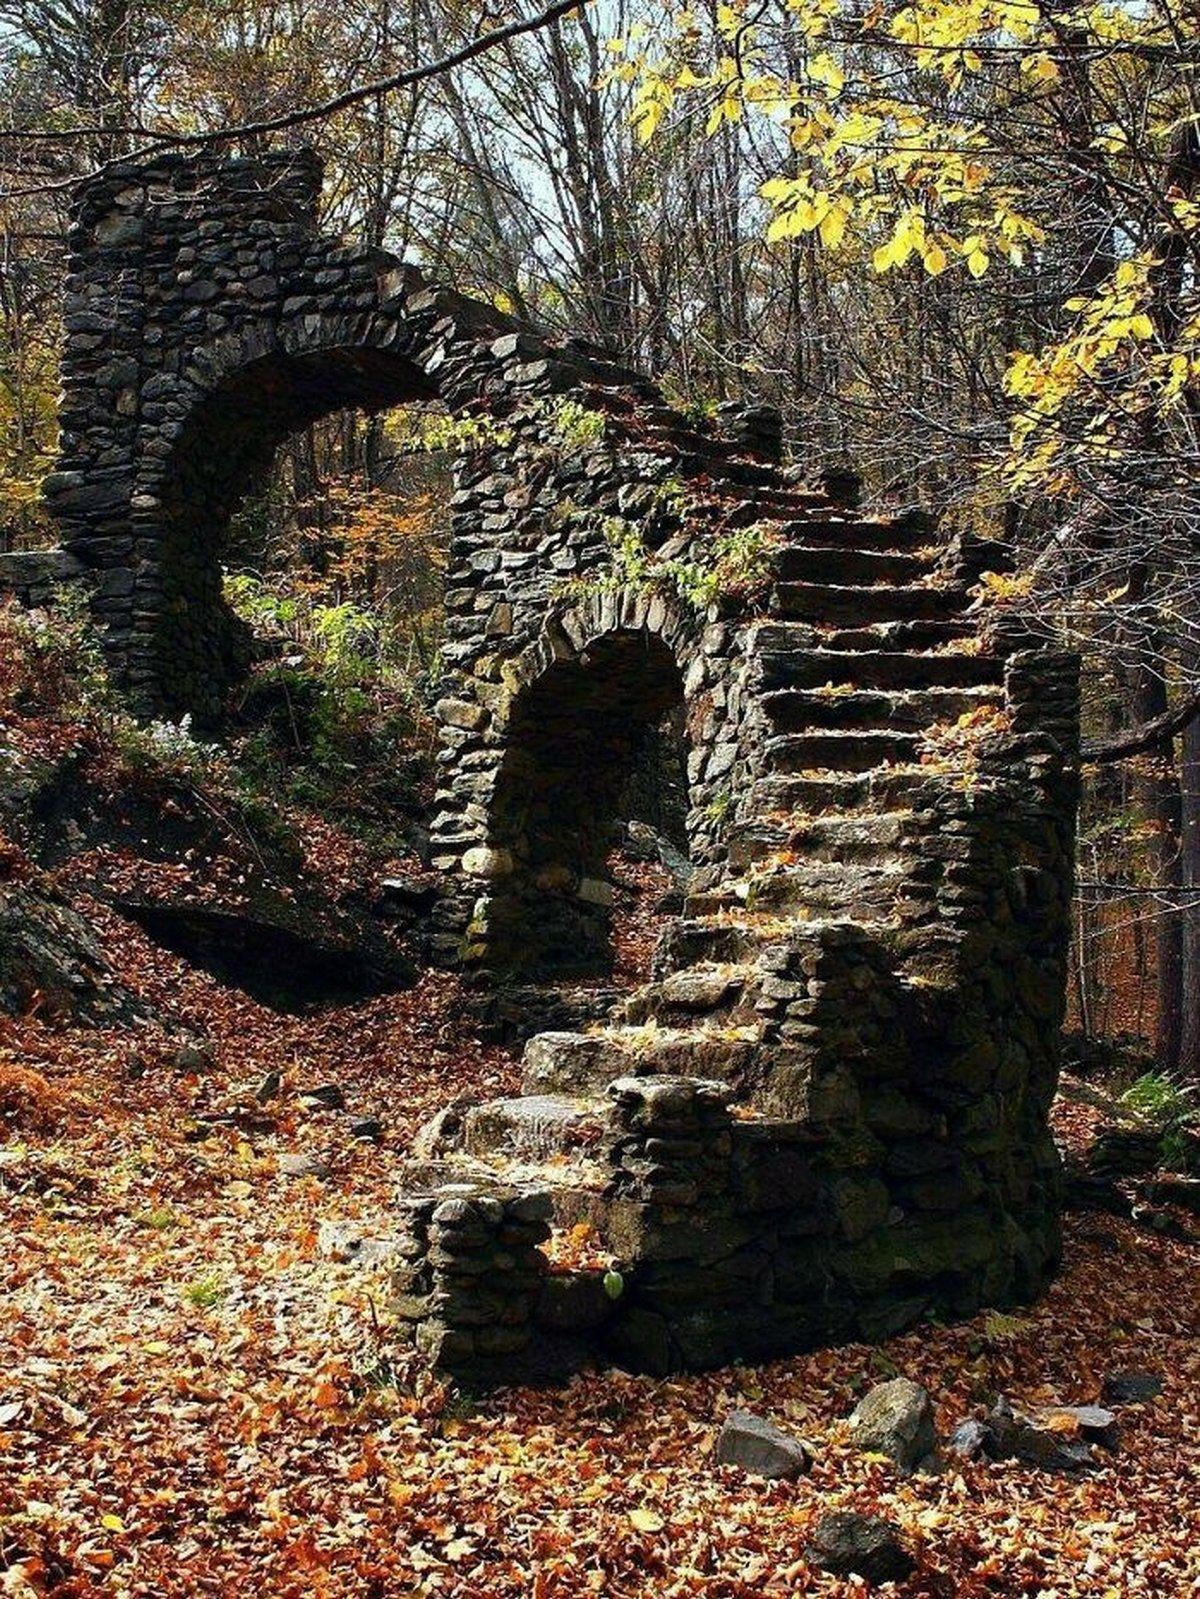 Ces images glauques de lieux abandonnés ont été partagées en ligne par des internautes